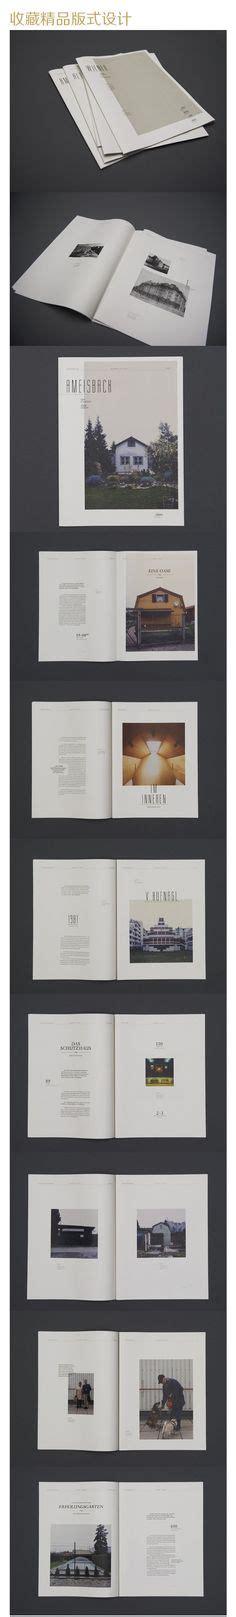 classic book layout design portfolio layout by alina rybacka gruszczyńska www